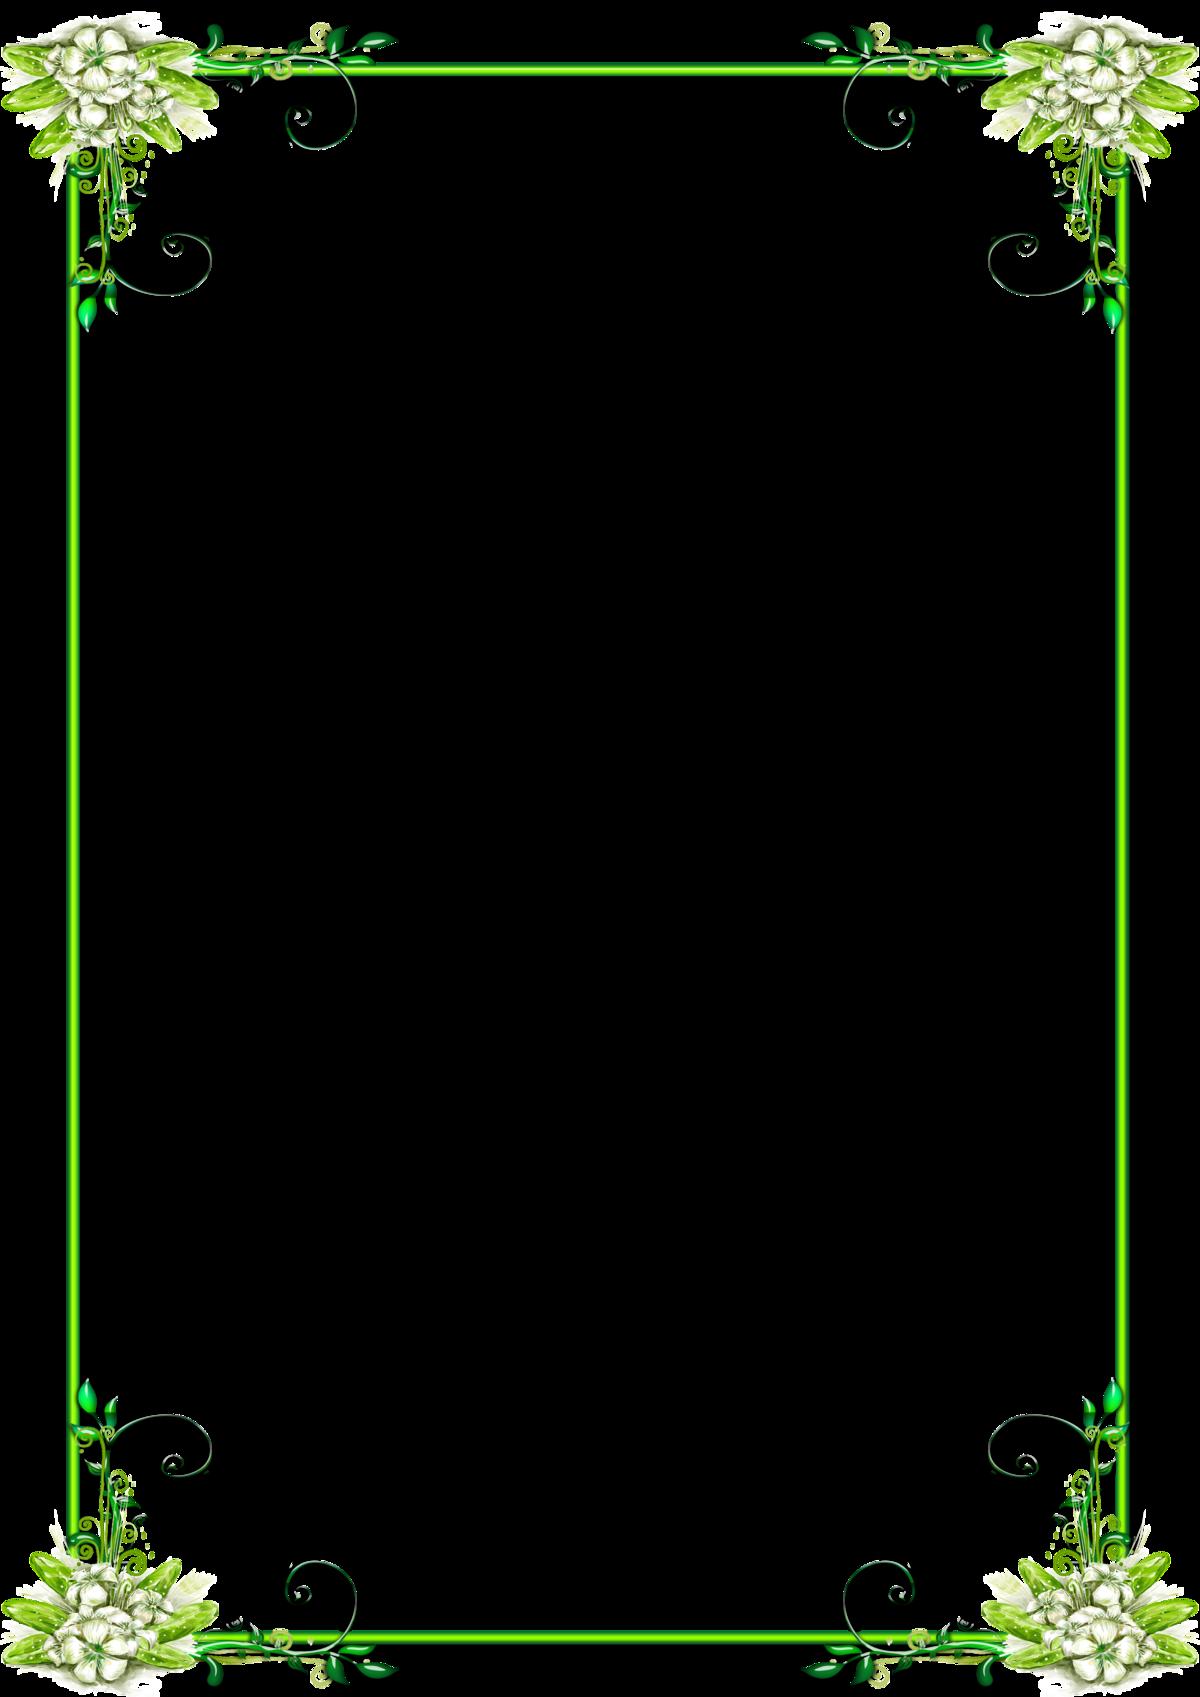 Анимация листья картинки для сок